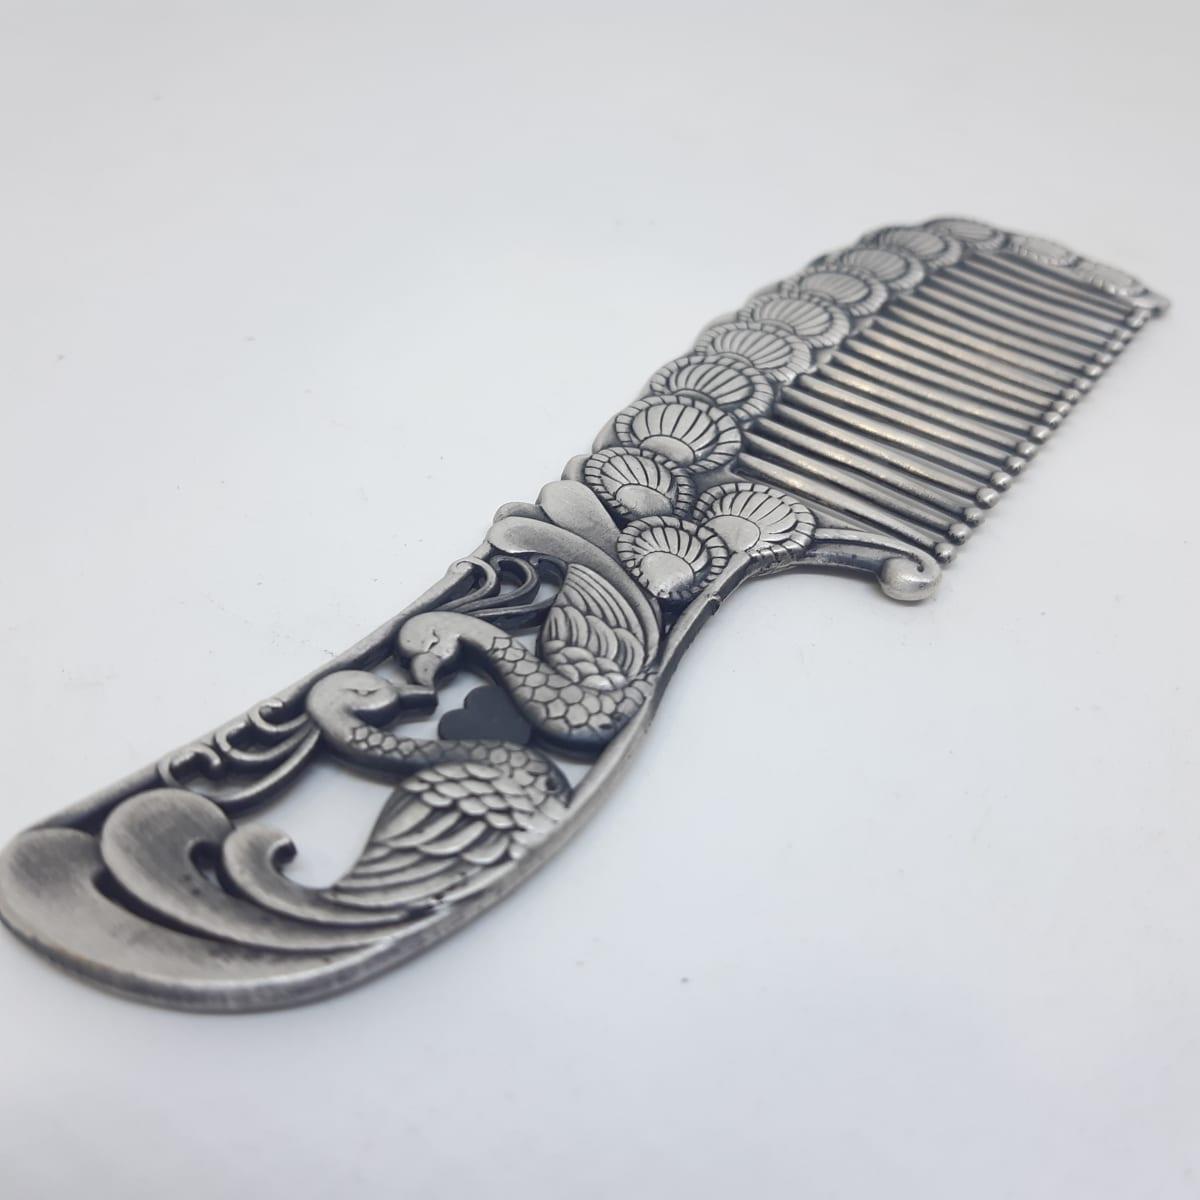 Rupmati Comb